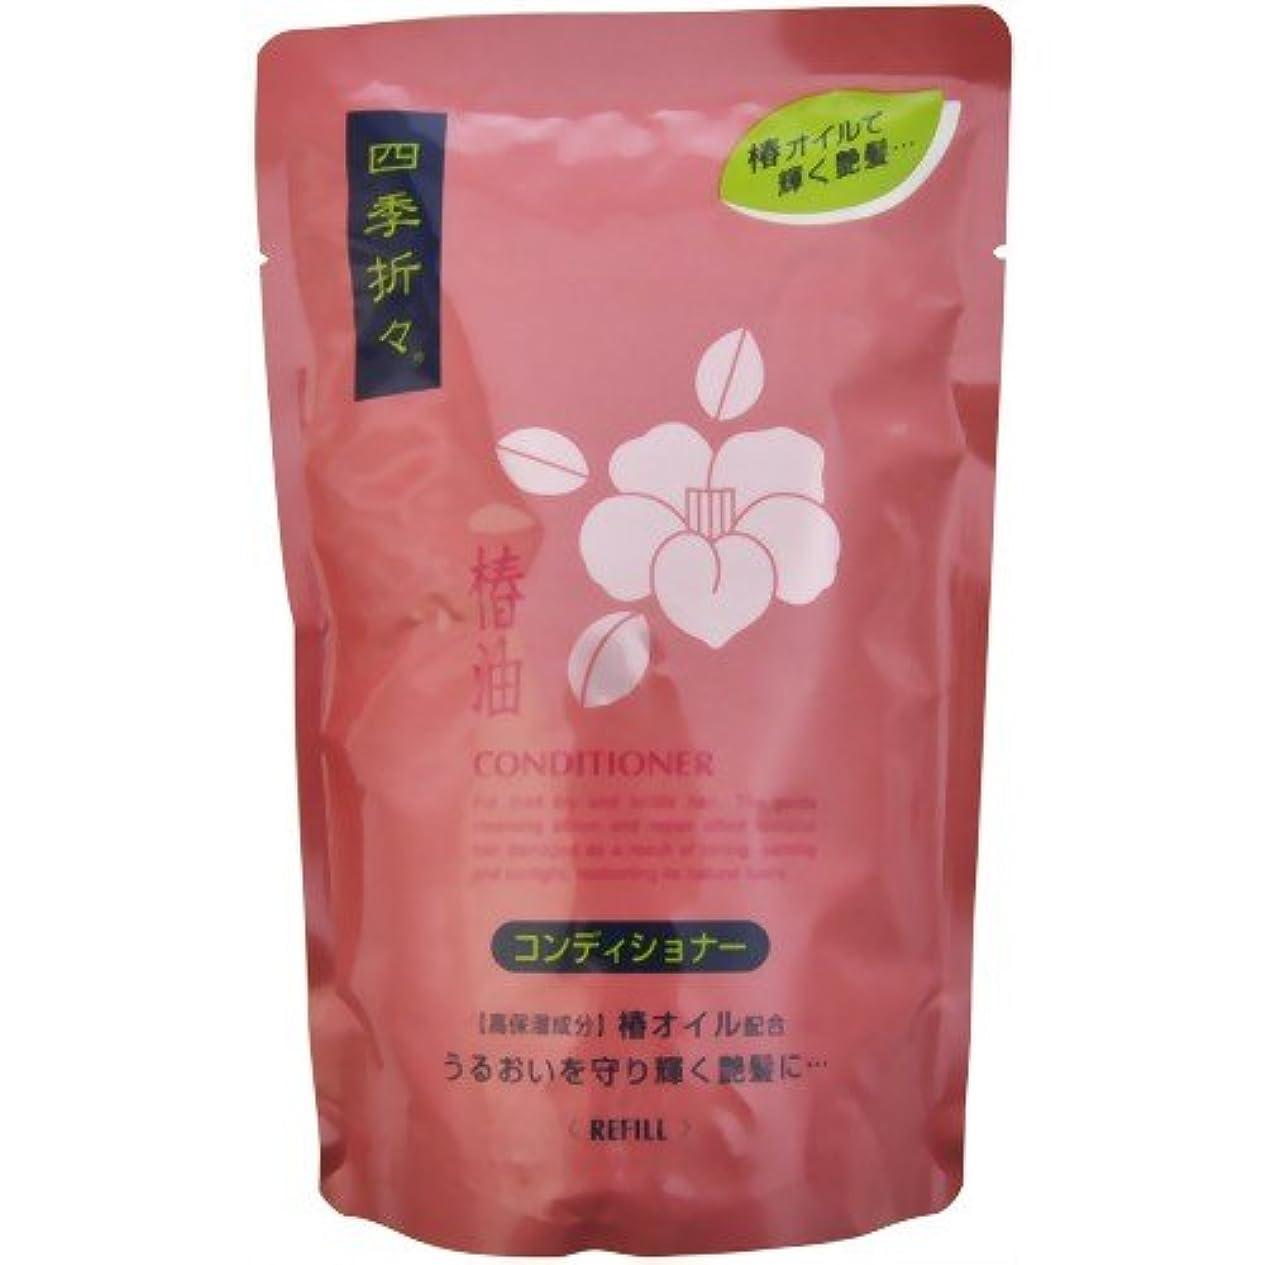 ファイバ春週間熊野油脂 四季折々 椿油コンディショナー 詰替用 450ml